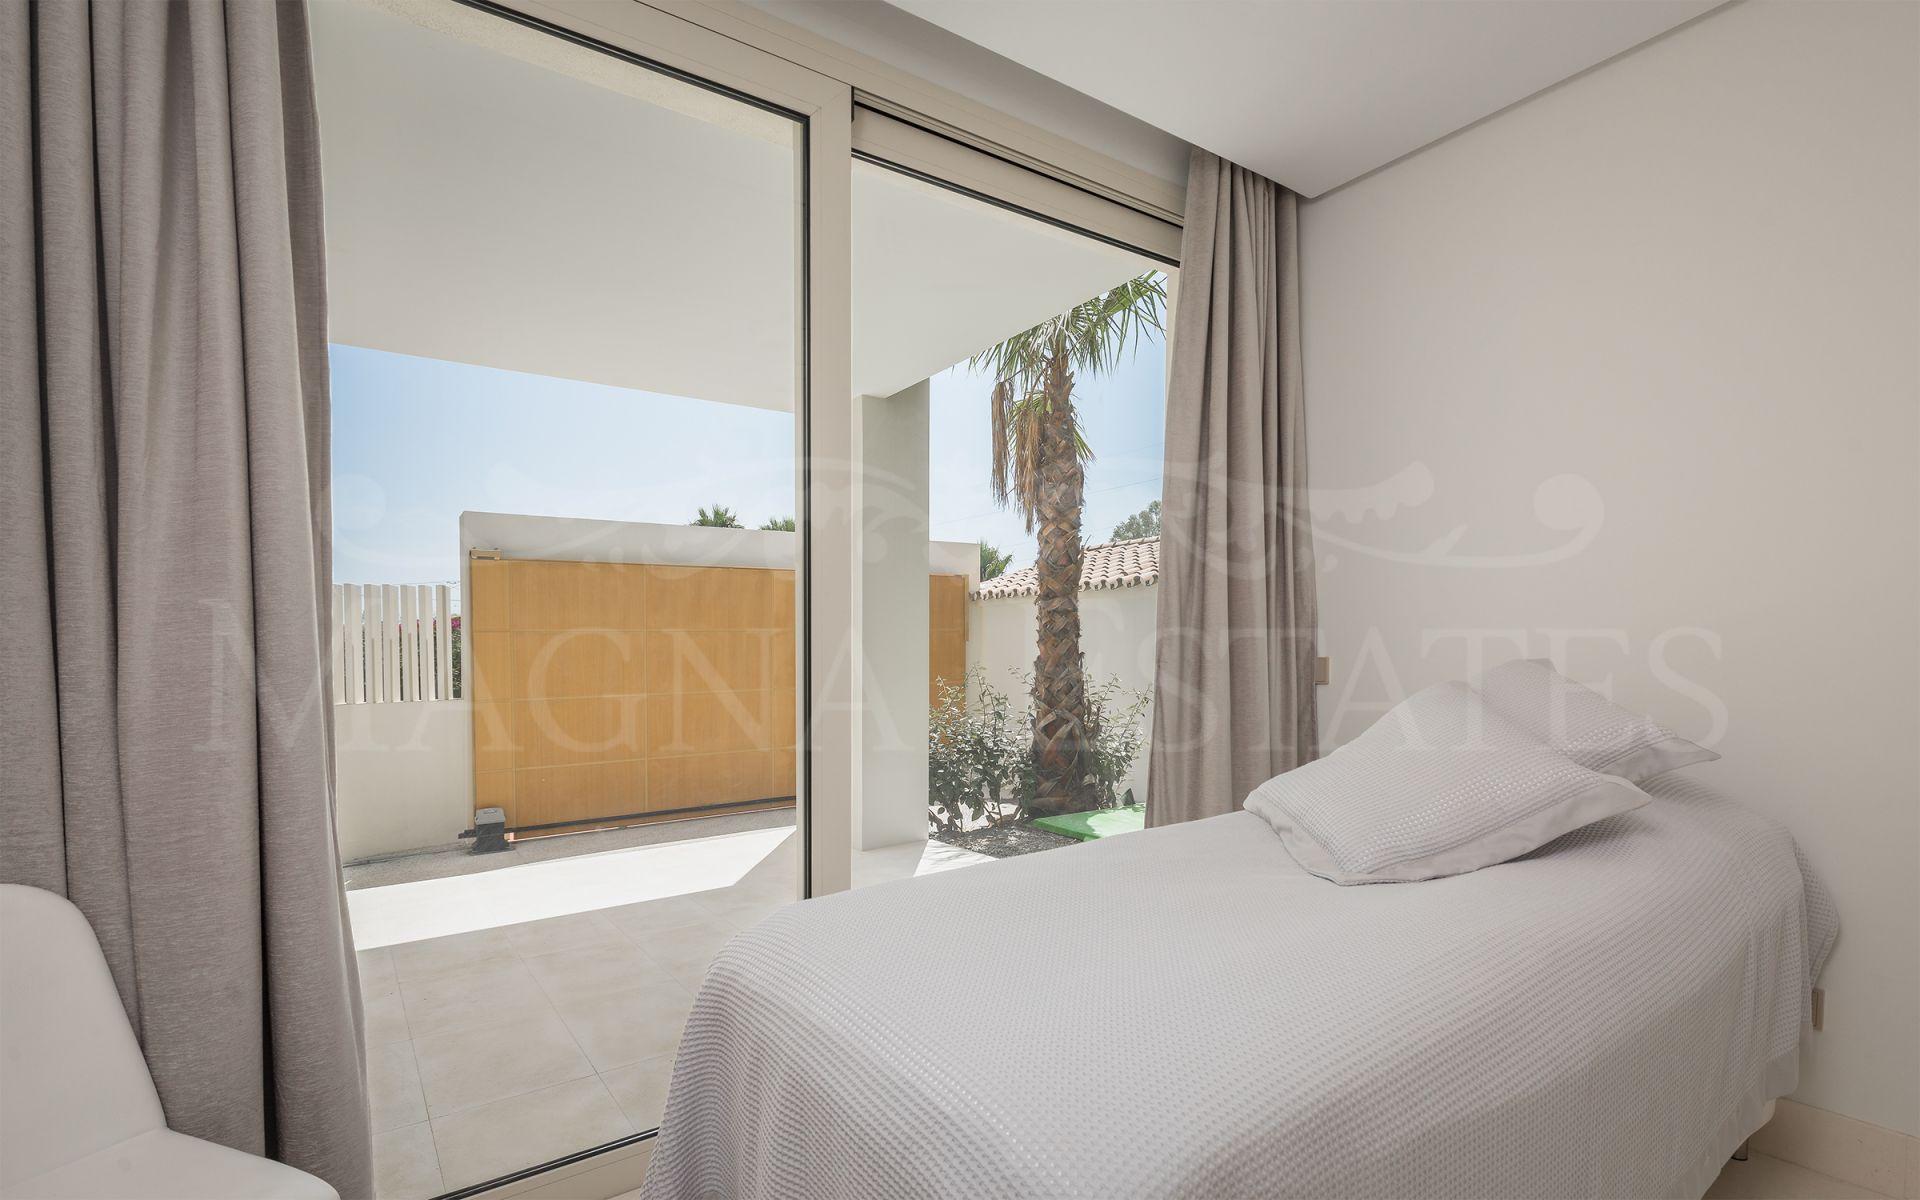 New construction villa in Nueva Andalucía, Marbella